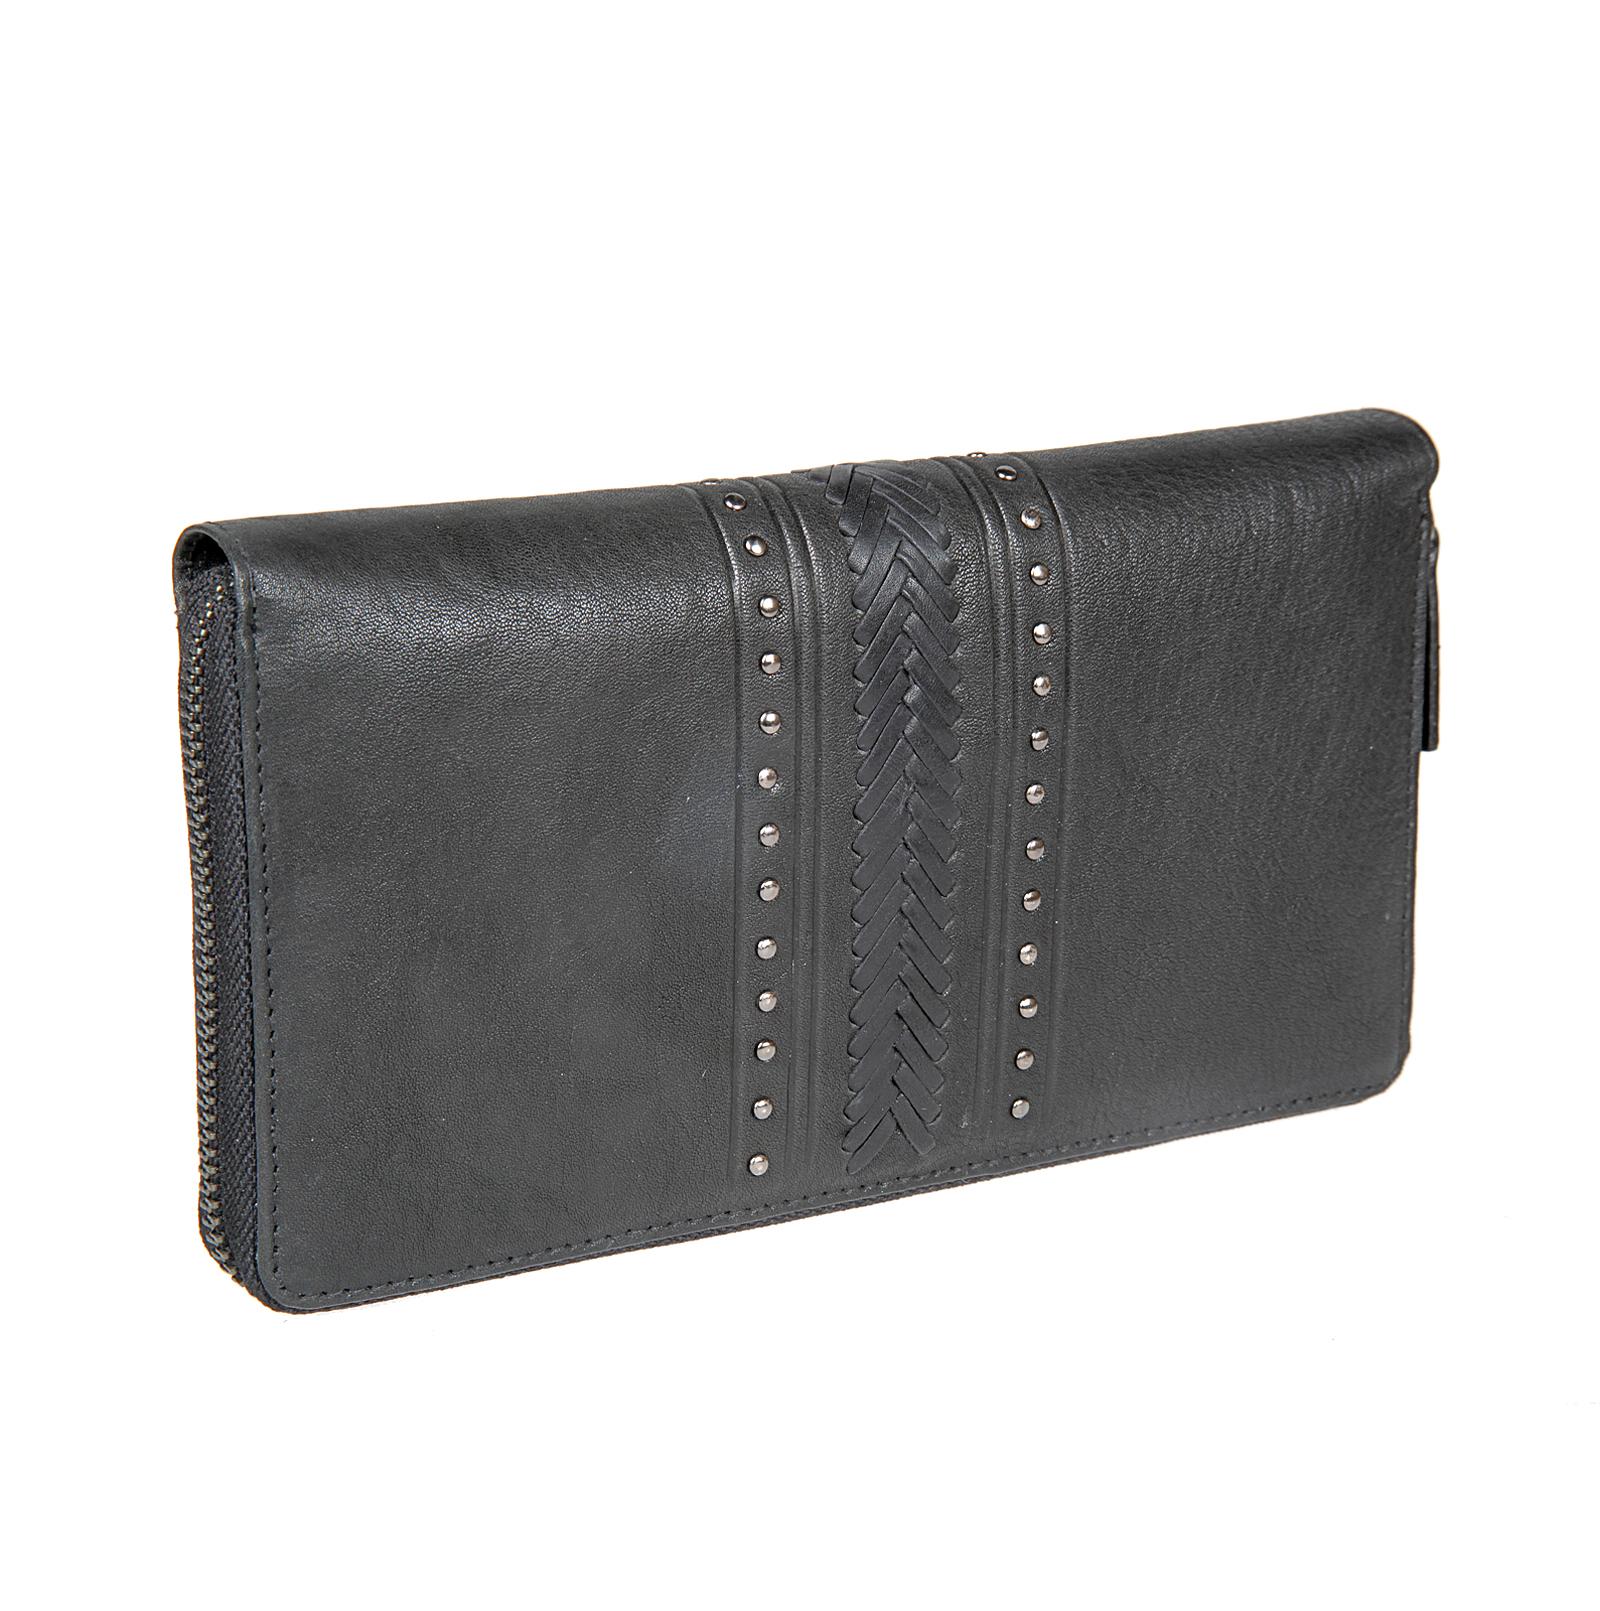 Кошелек женский Bodenschatz, цвет: черный. 4-023 black4-023 blackРаскладывается пополам, внутри четыре отделения для купюр, карман на молнии, четыре отделения для пластиковых карт, карман с сеточкой.